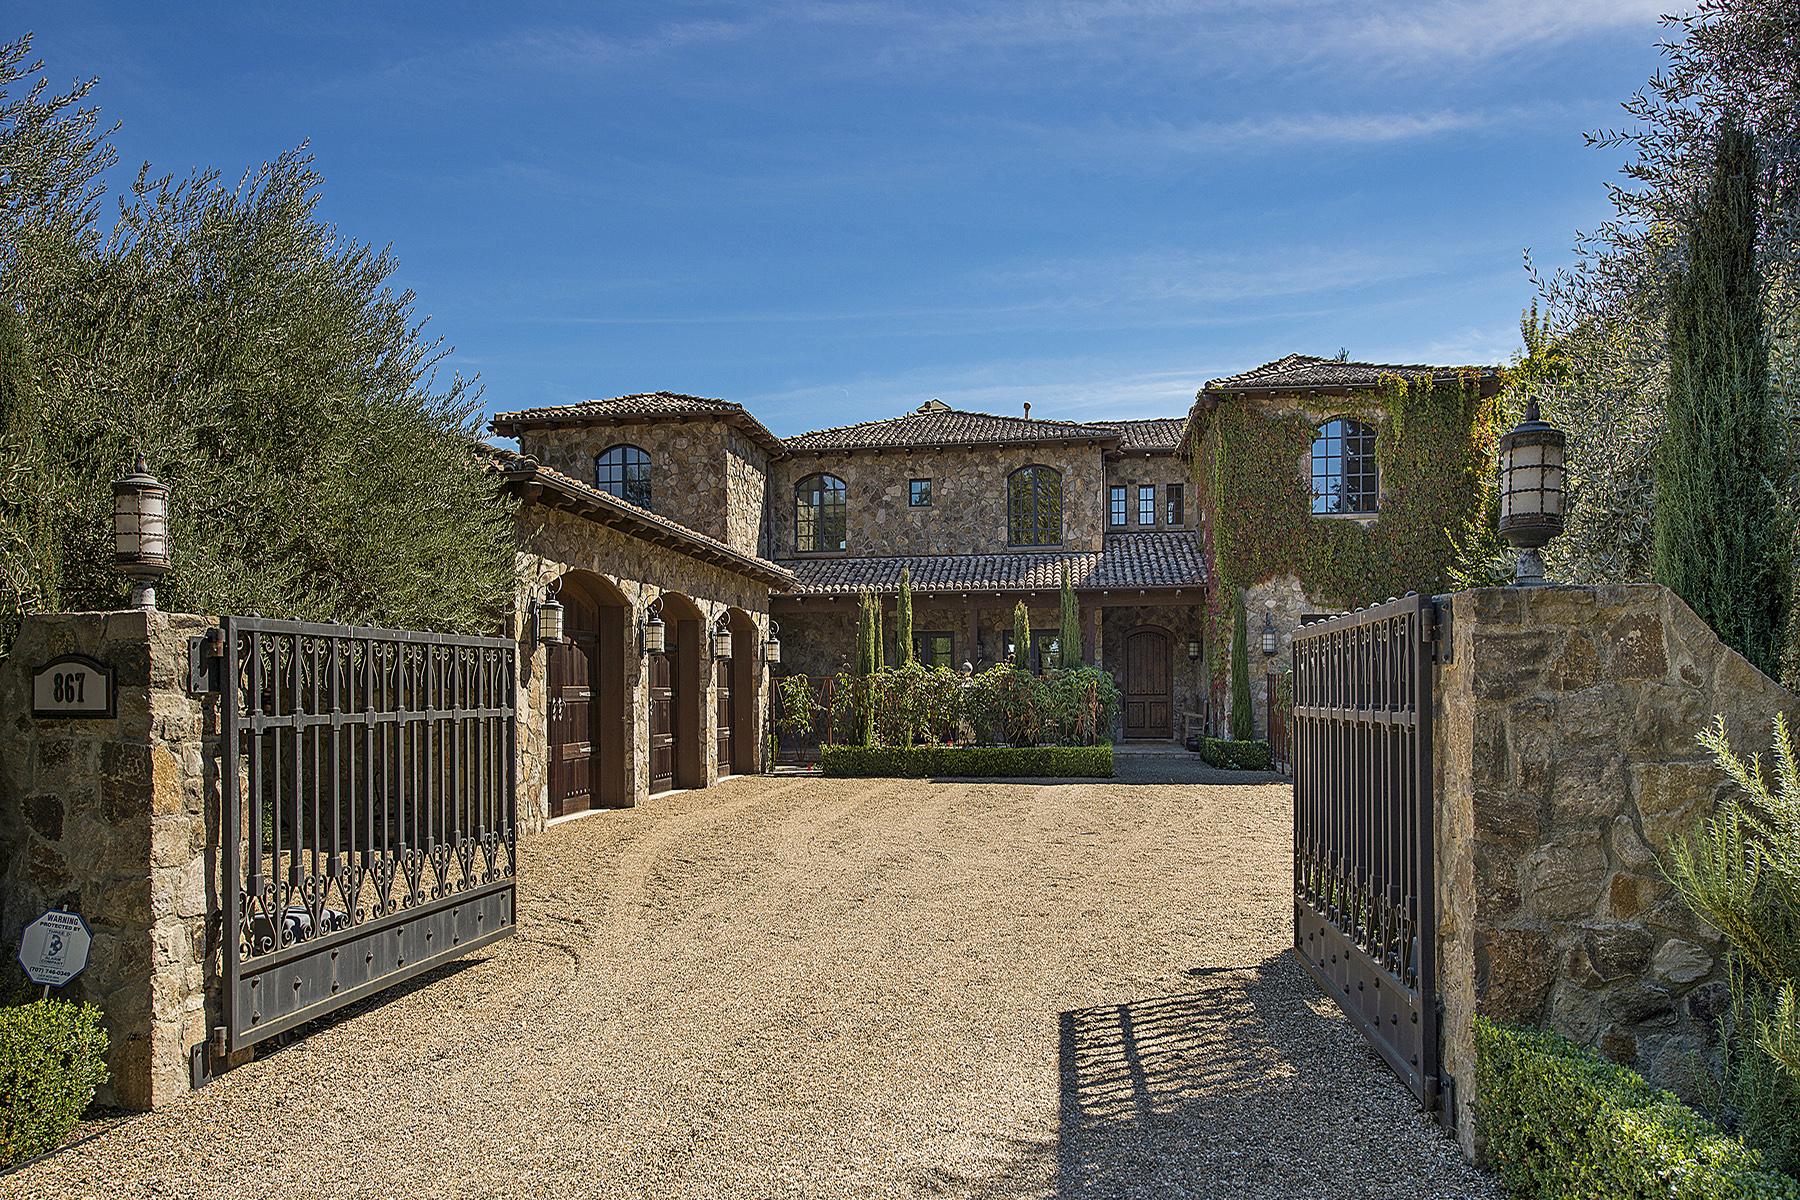 Частный односемейный дом для того Продажа на 867 White Ln, St. Helena, CA 94574 St. Helena, 94574 Соединенные Штаты